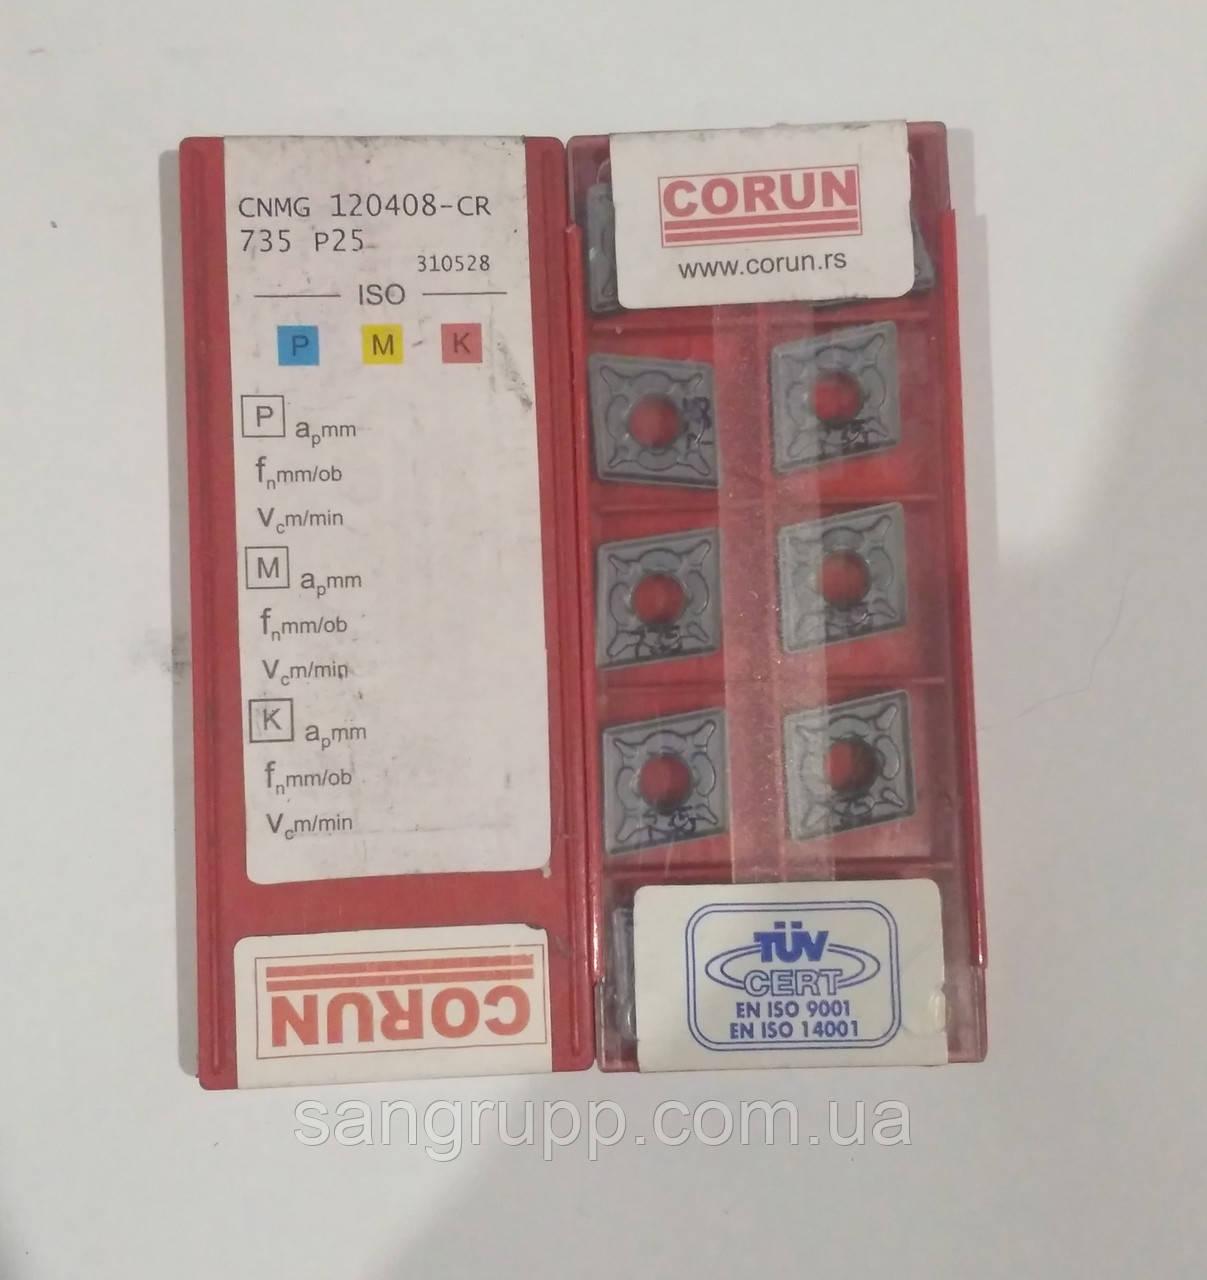 CNMG 120408-CR 735 P25 Пластина твердосплавная CORUN